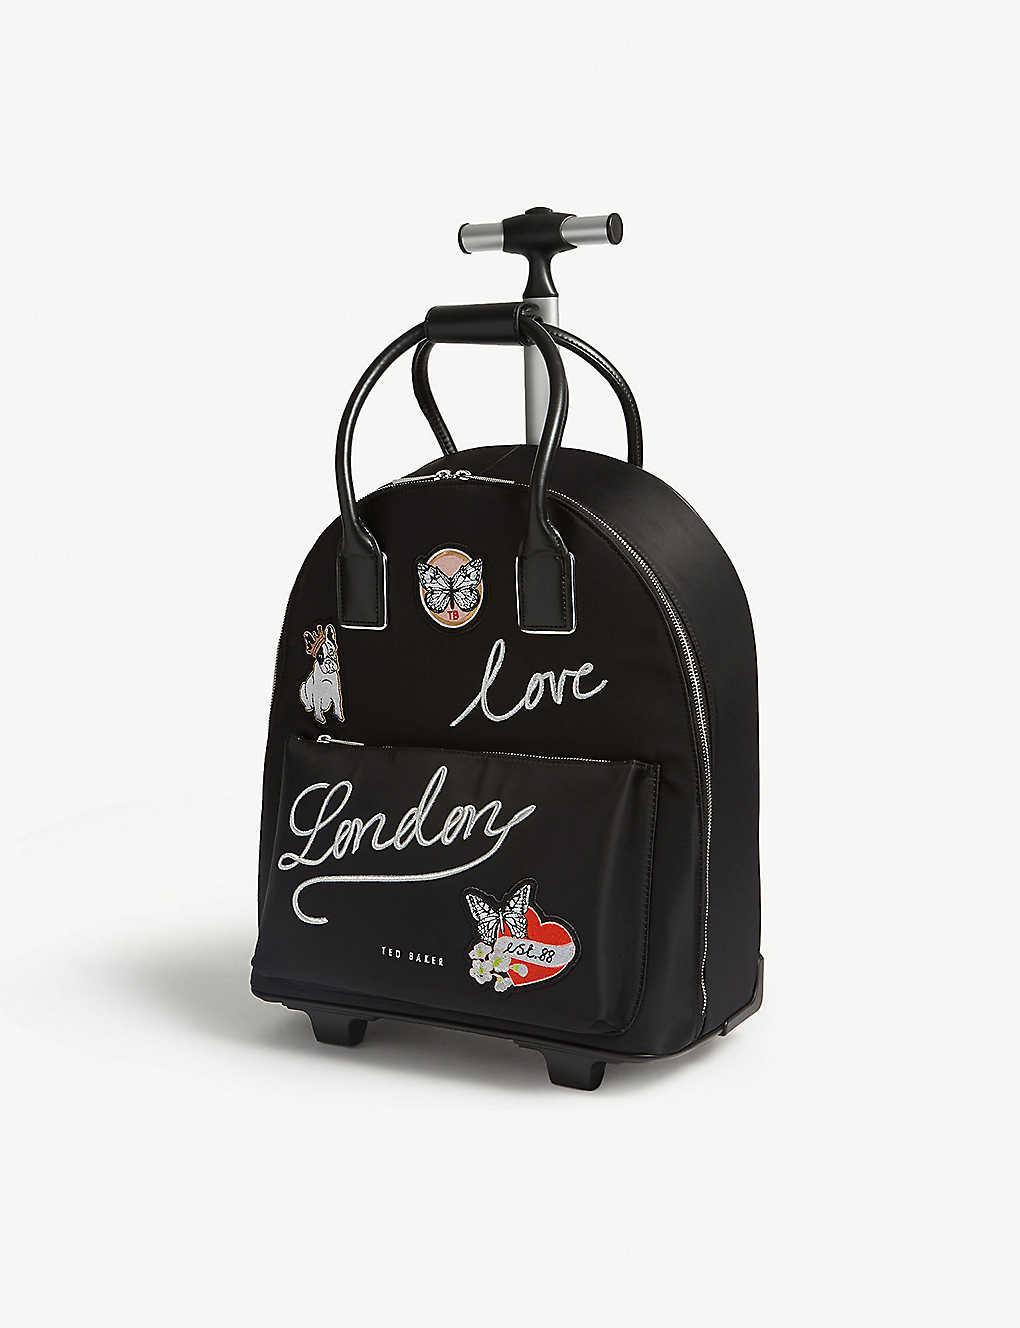 7081eb0eda2 TED BAKER - Sheeaa london two-wheel nylon travel bag | Selfridges.com